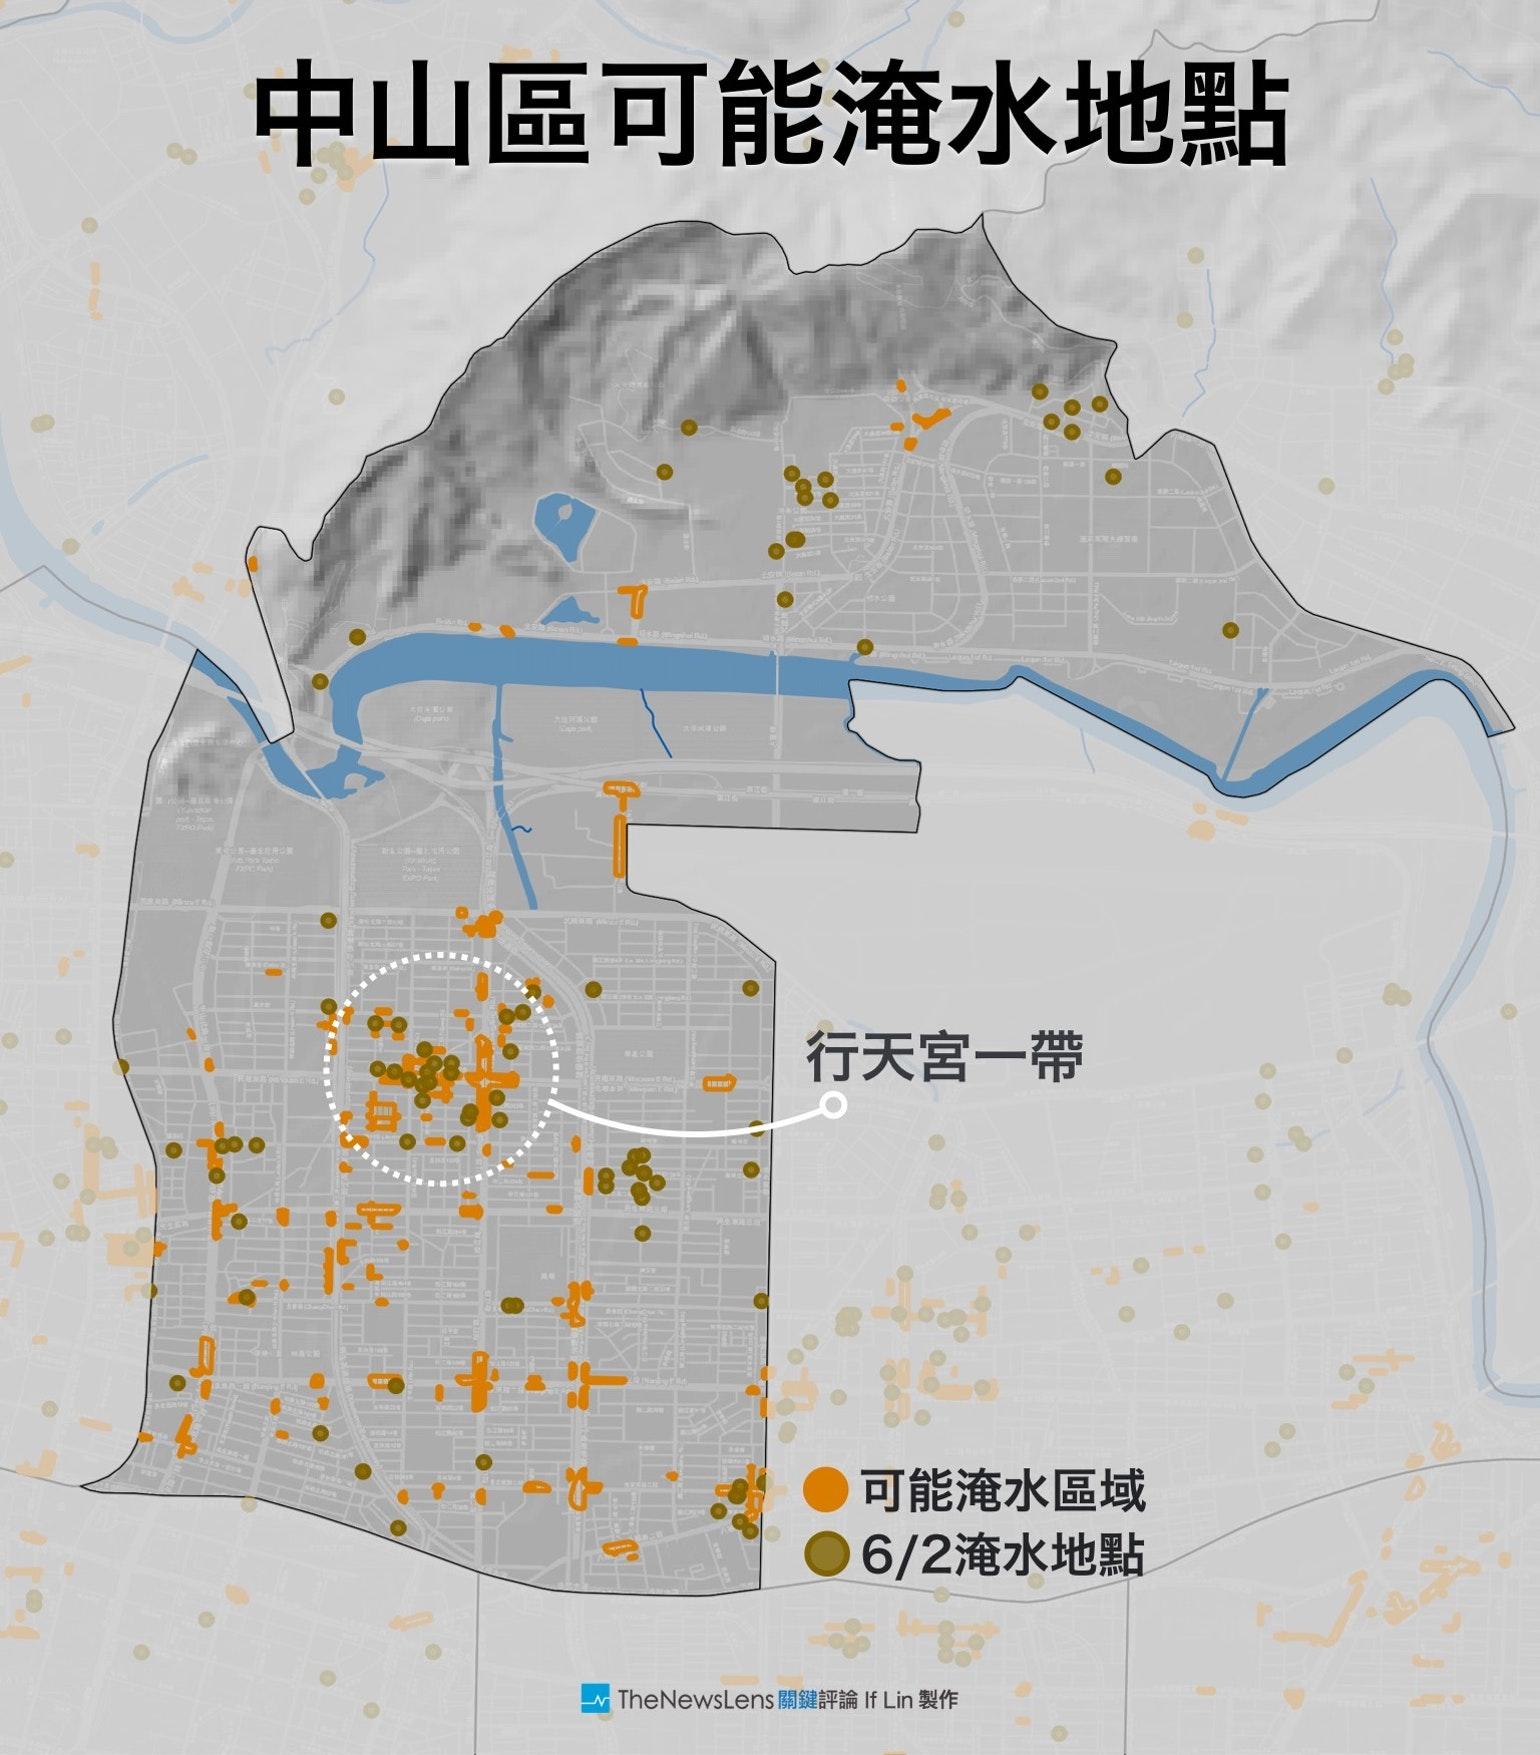 中山-分區淹水地圖製圖-直版_5